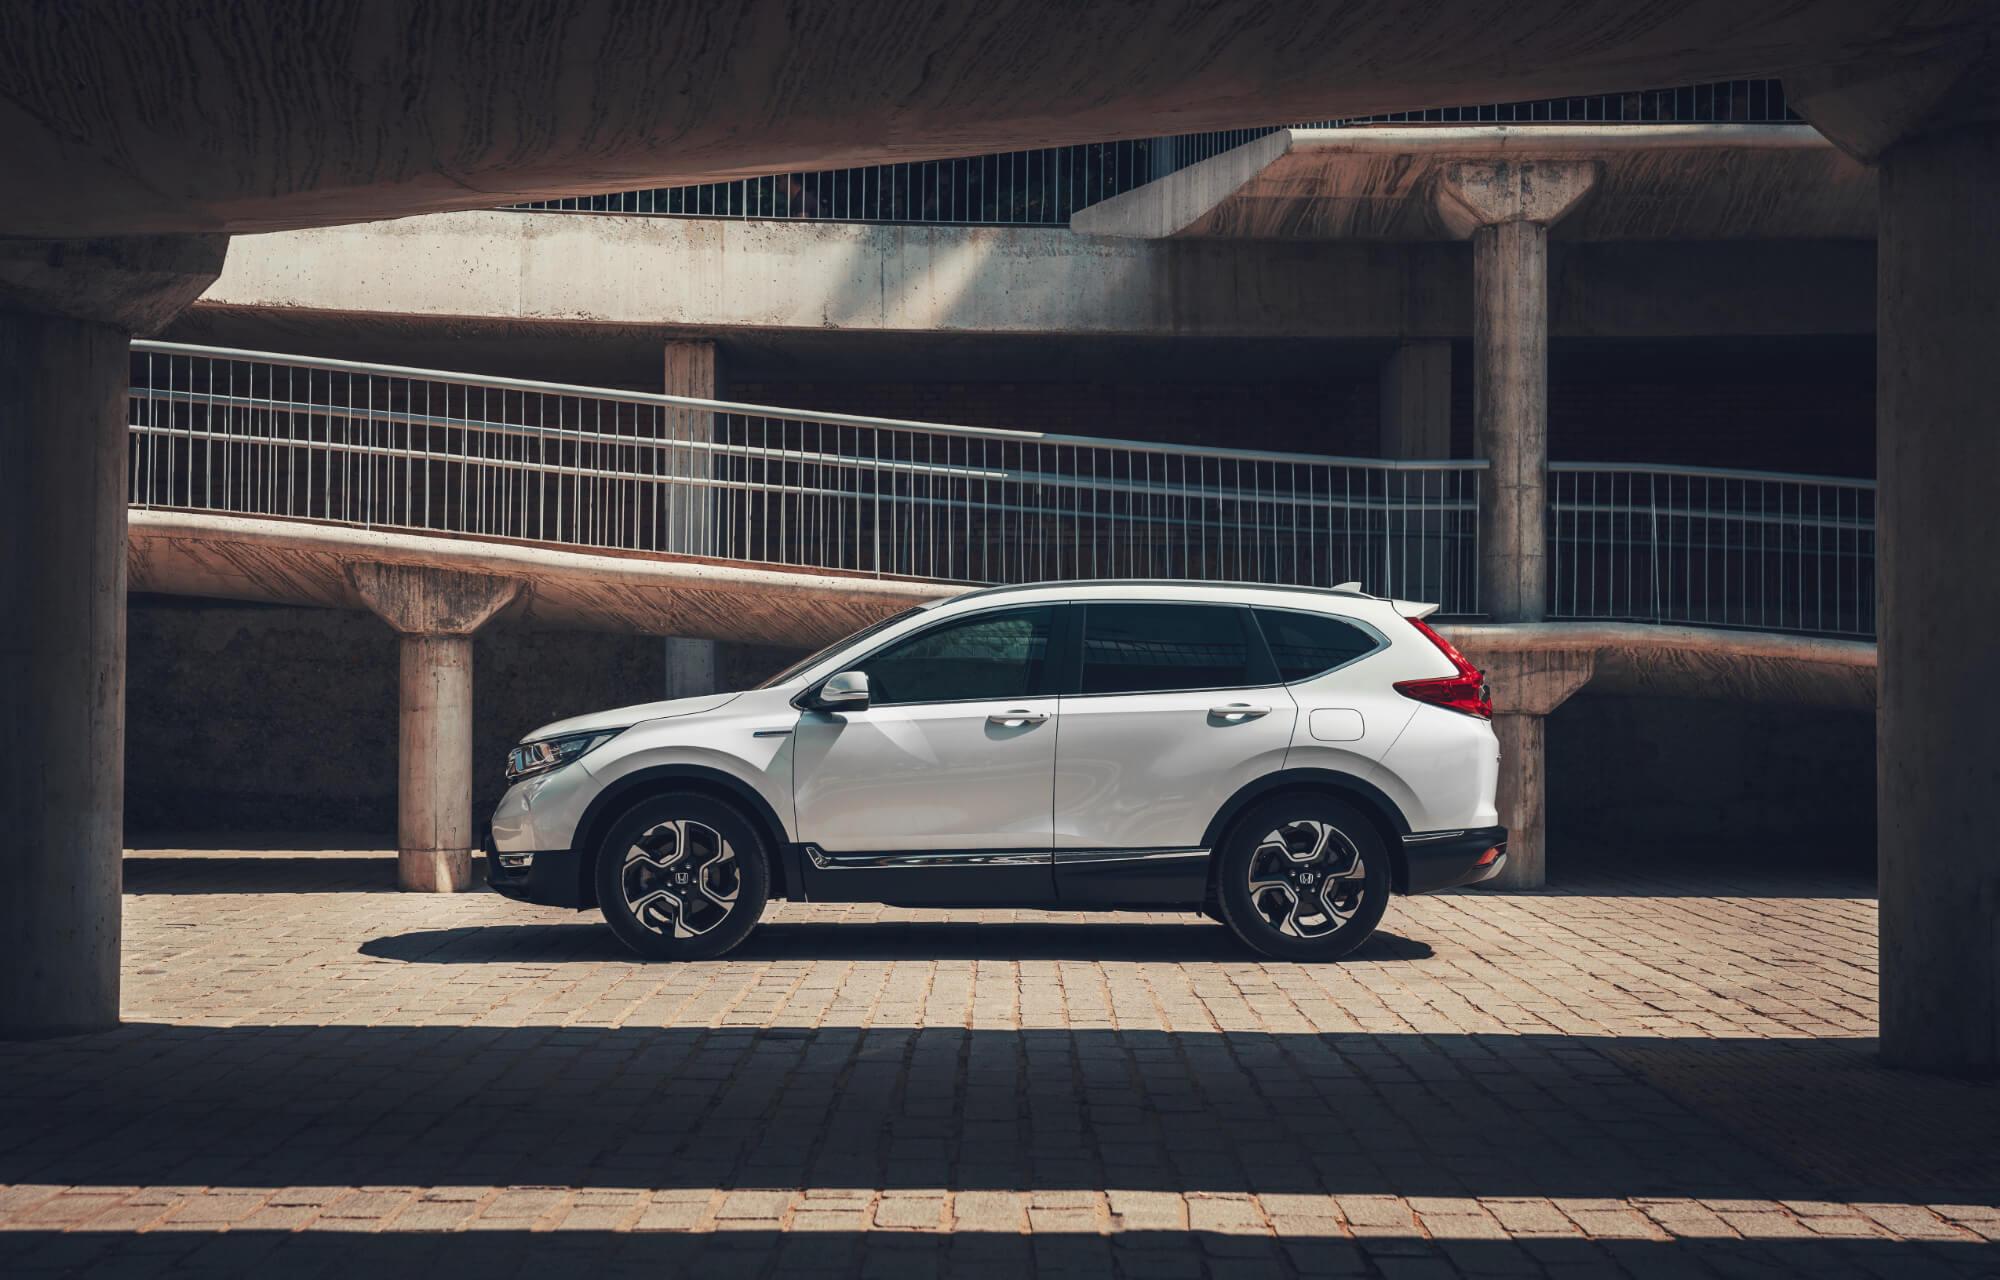 Order your new 2020 Honda CR-V Hybrid today